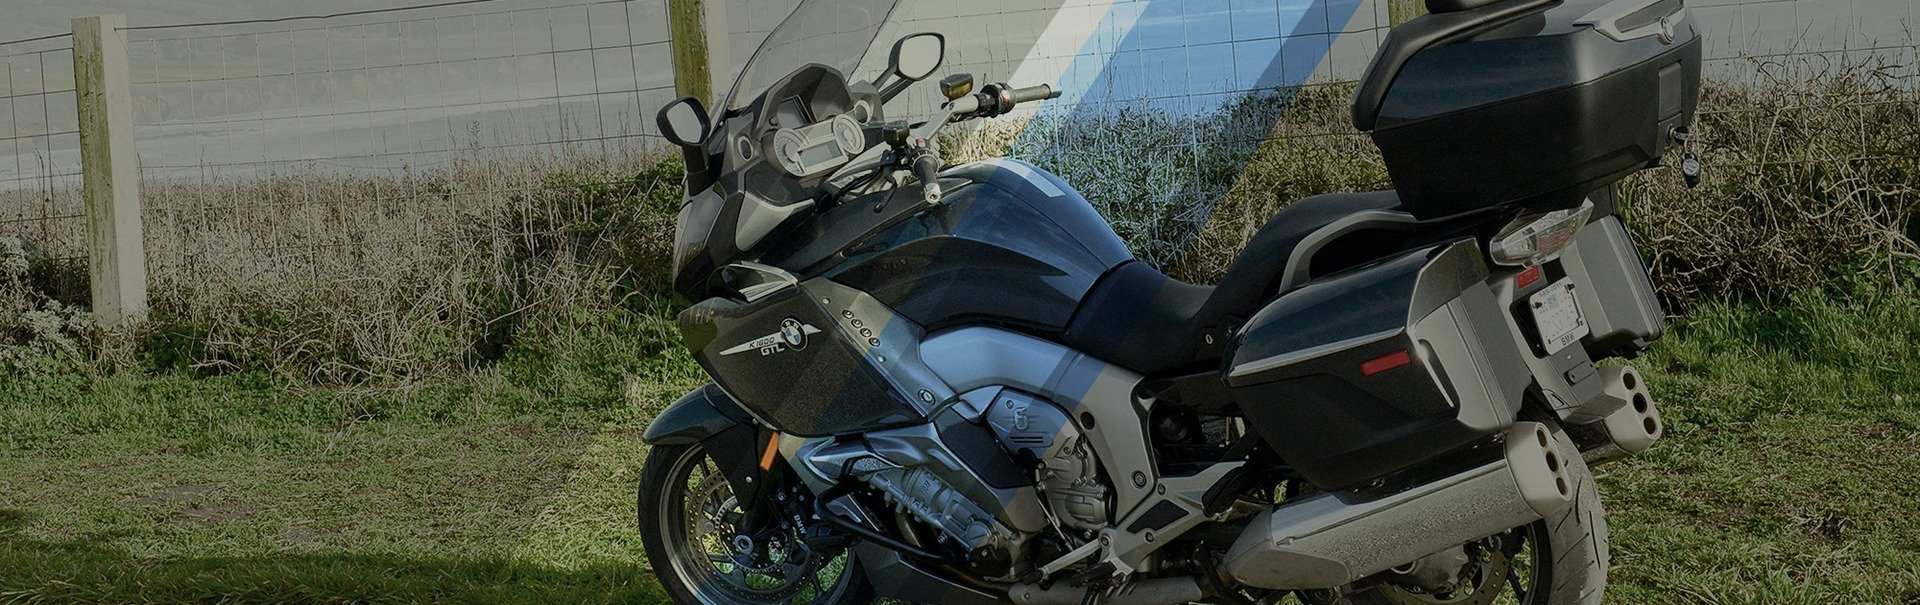 BMW - Honda - Ducati - KTM Rentals in California